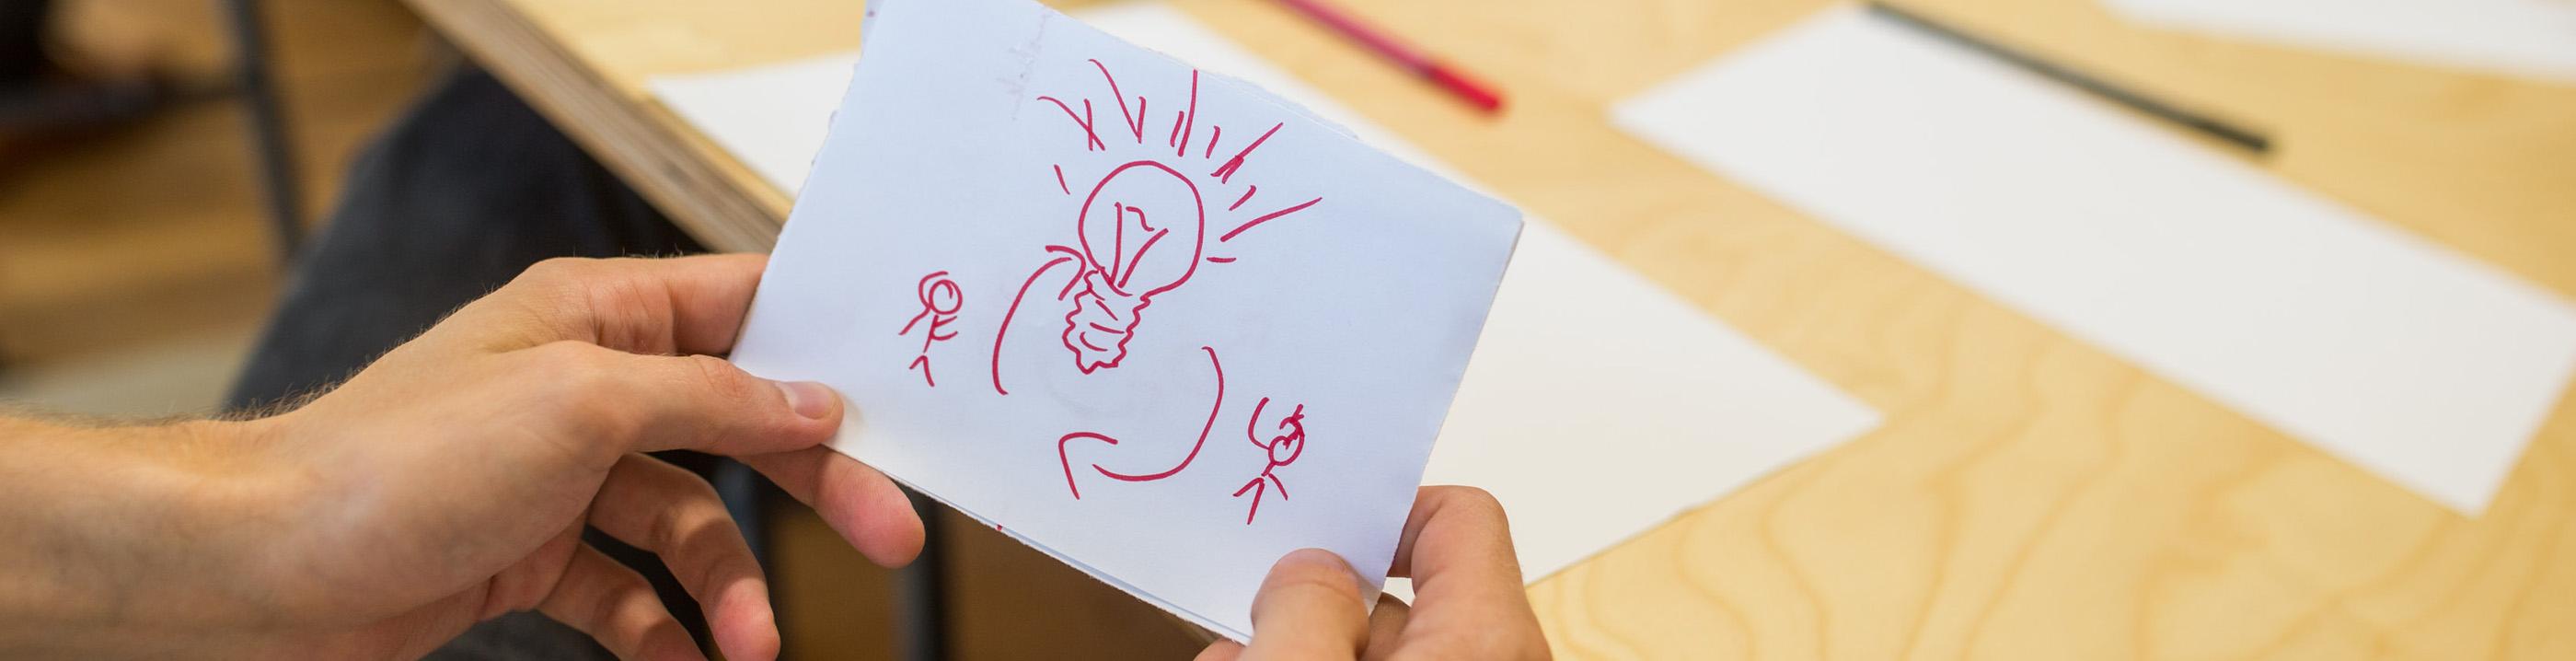 Glühbirne auf Papier als Symbol für Idee